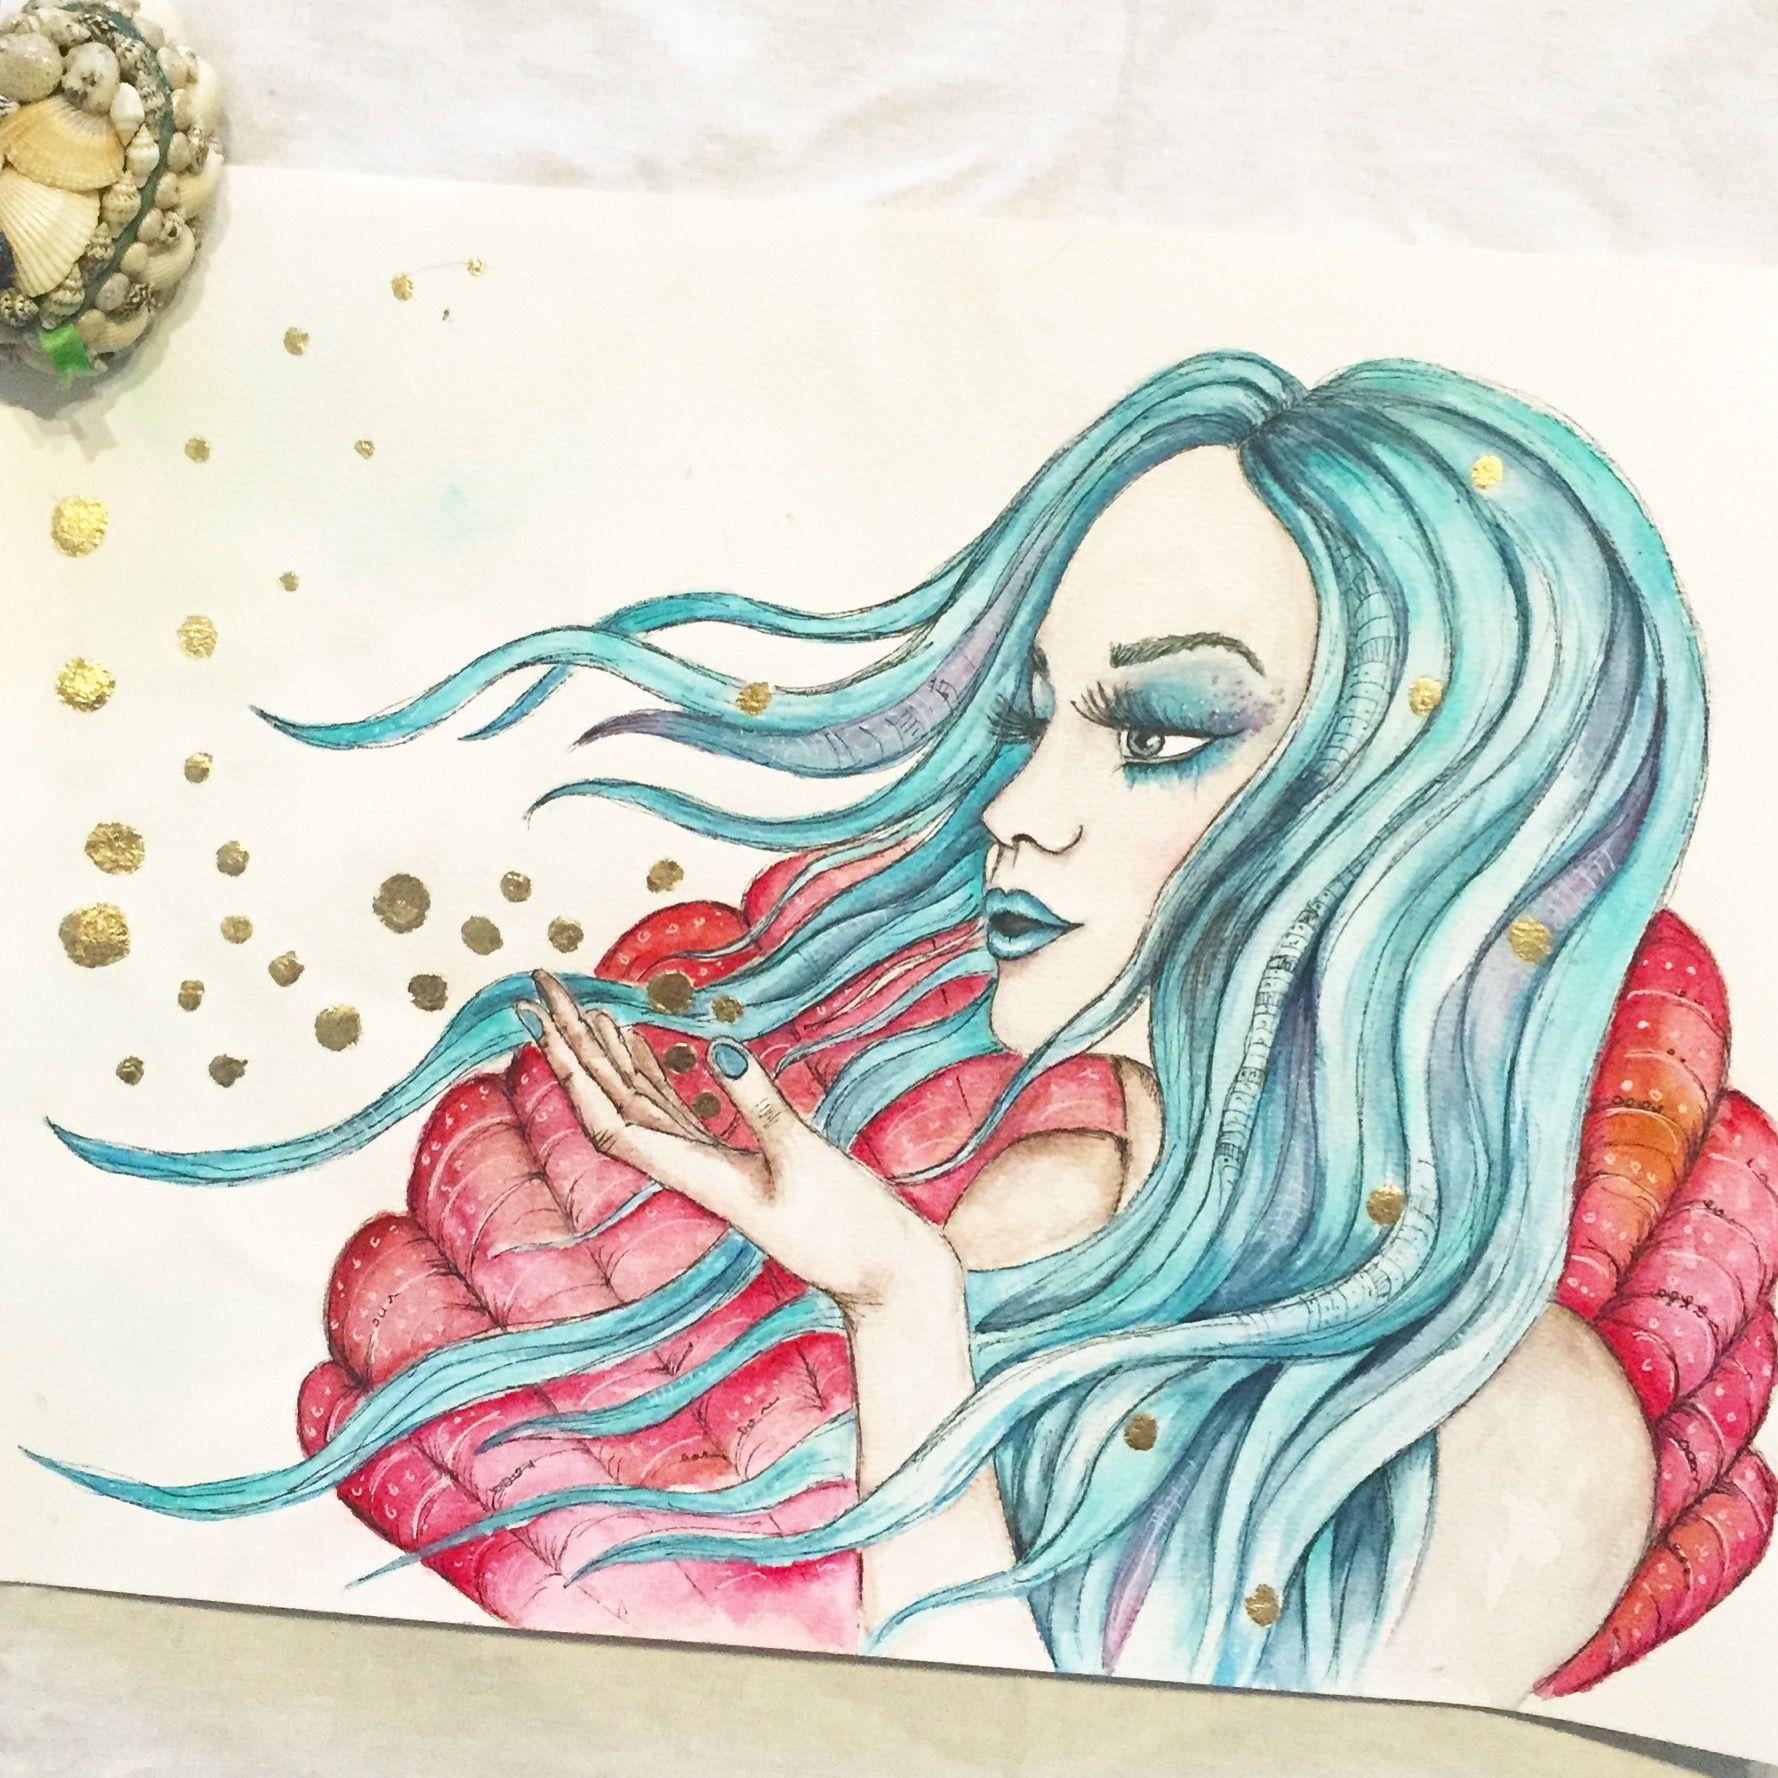 1778x1778 Mermaid Watercolour Art Painting, Blue Hair, Fantasy, Mystic Art